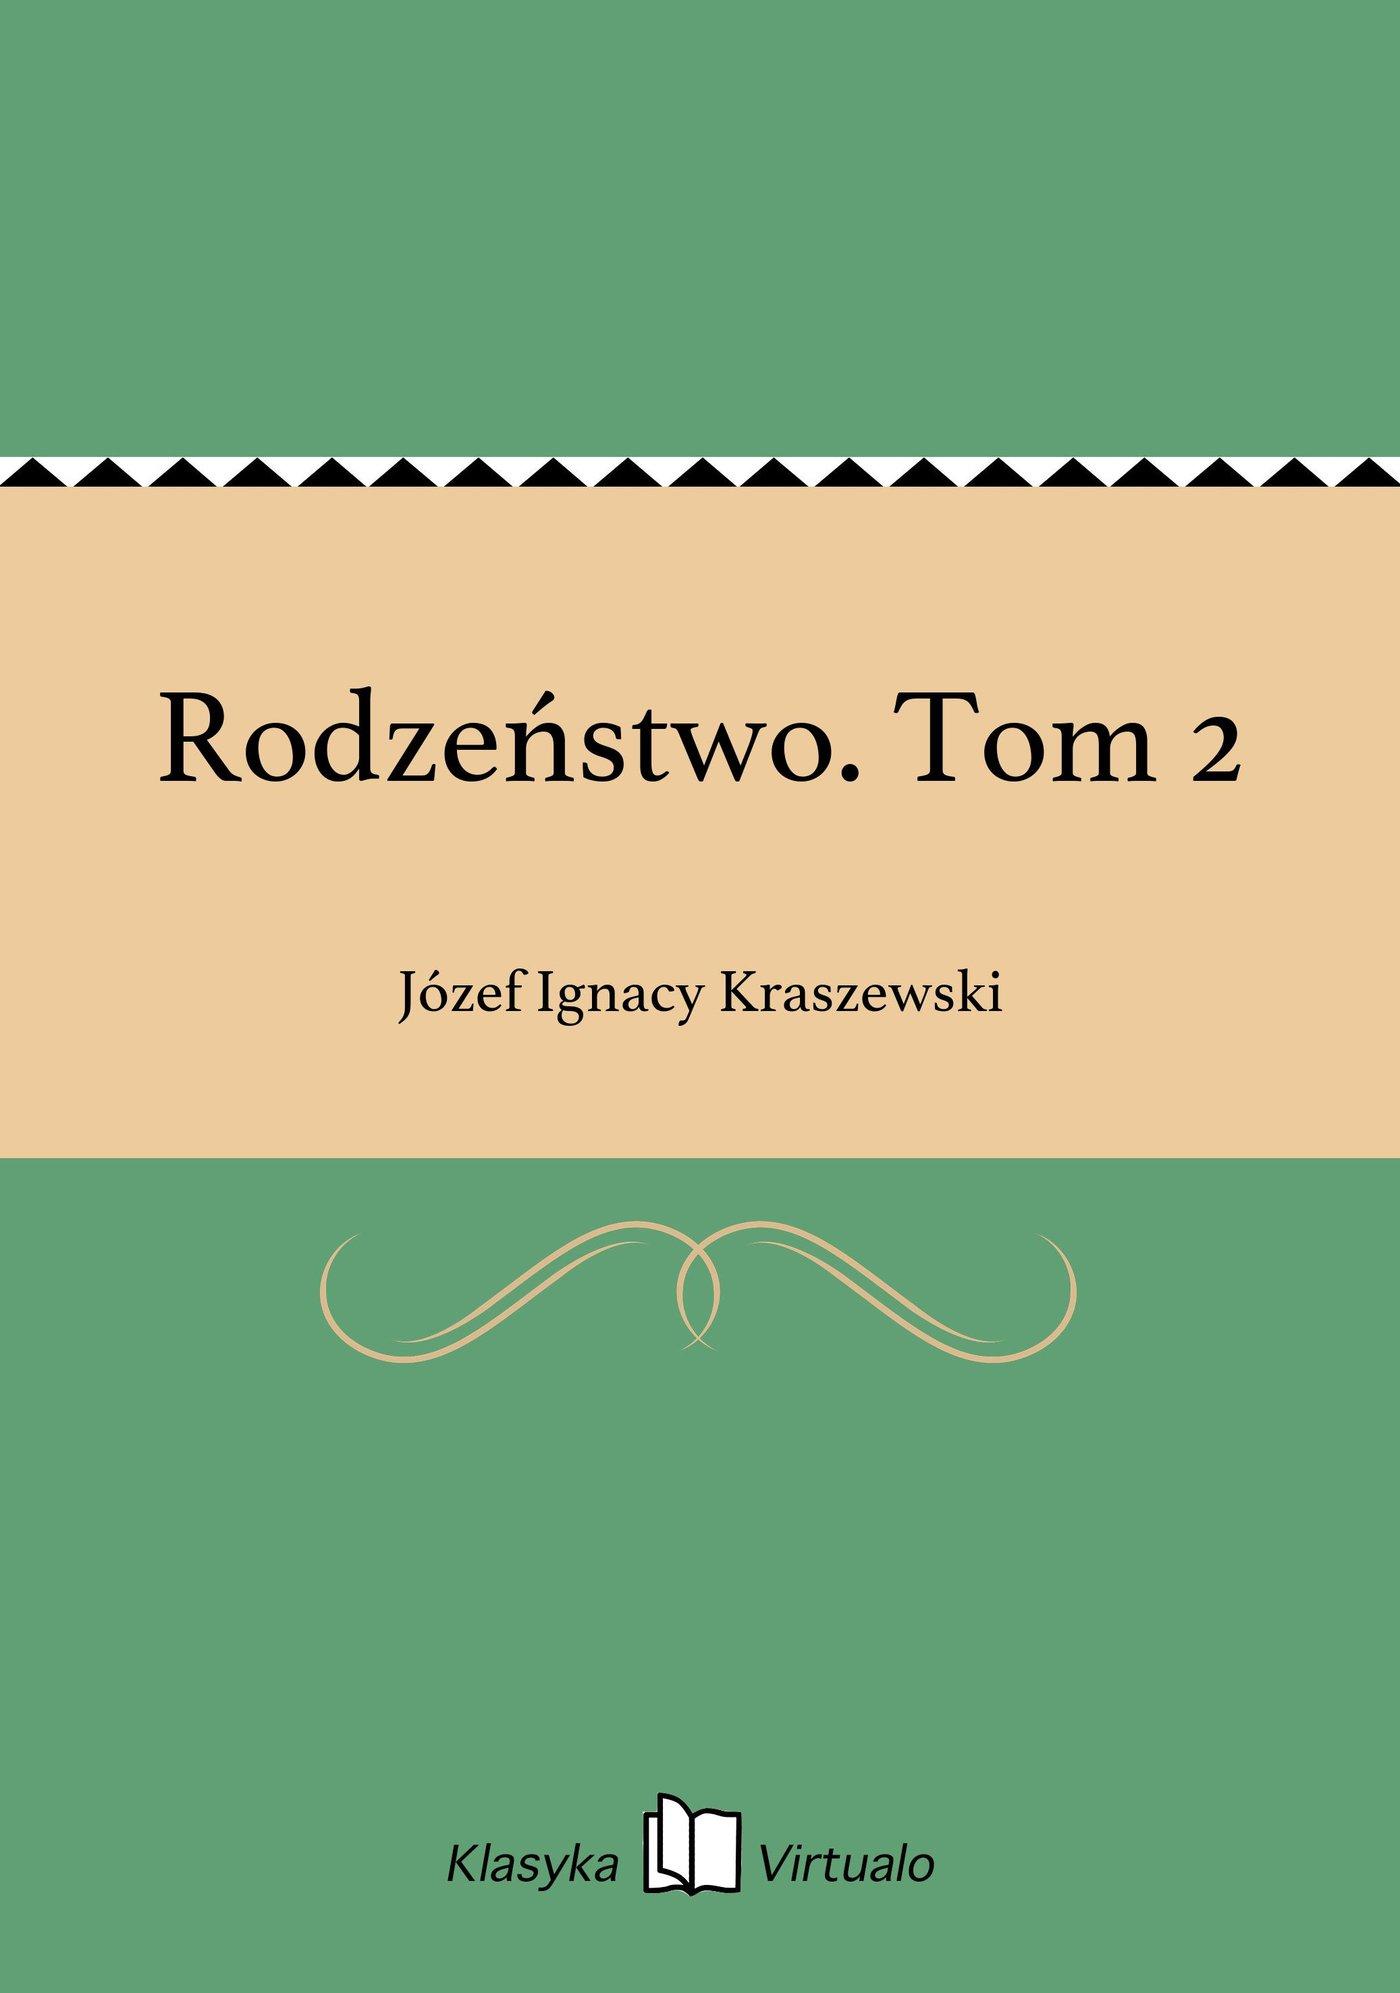 Rodzeństwo. Tom 2 - Ebook (Książka EPUB) do pobrania w formacie EPUB